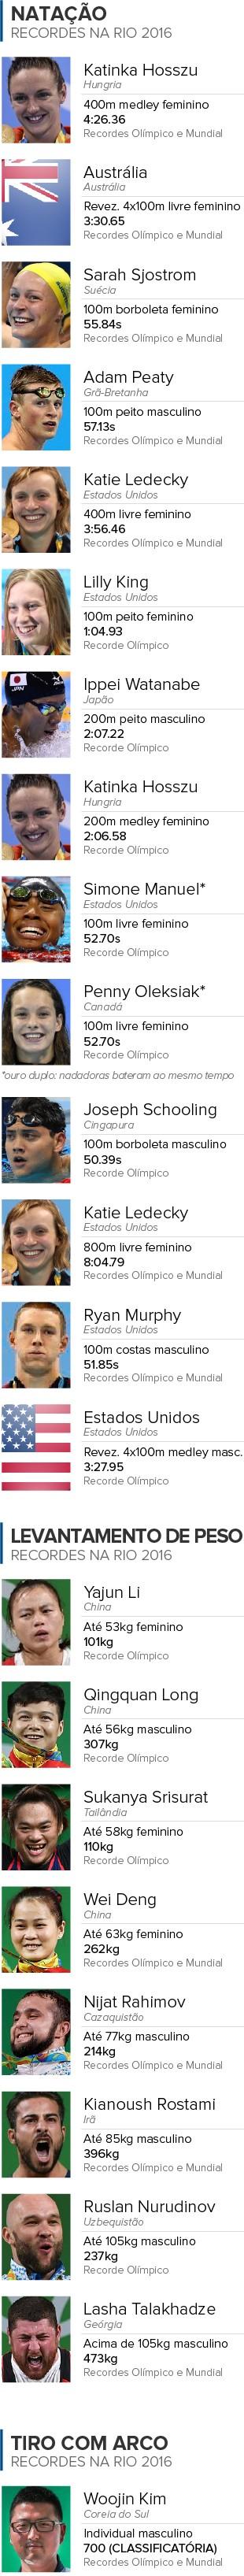 Info-RECORDES-Batidos-na-Olimpiada-03 (Foto: infoesporte)